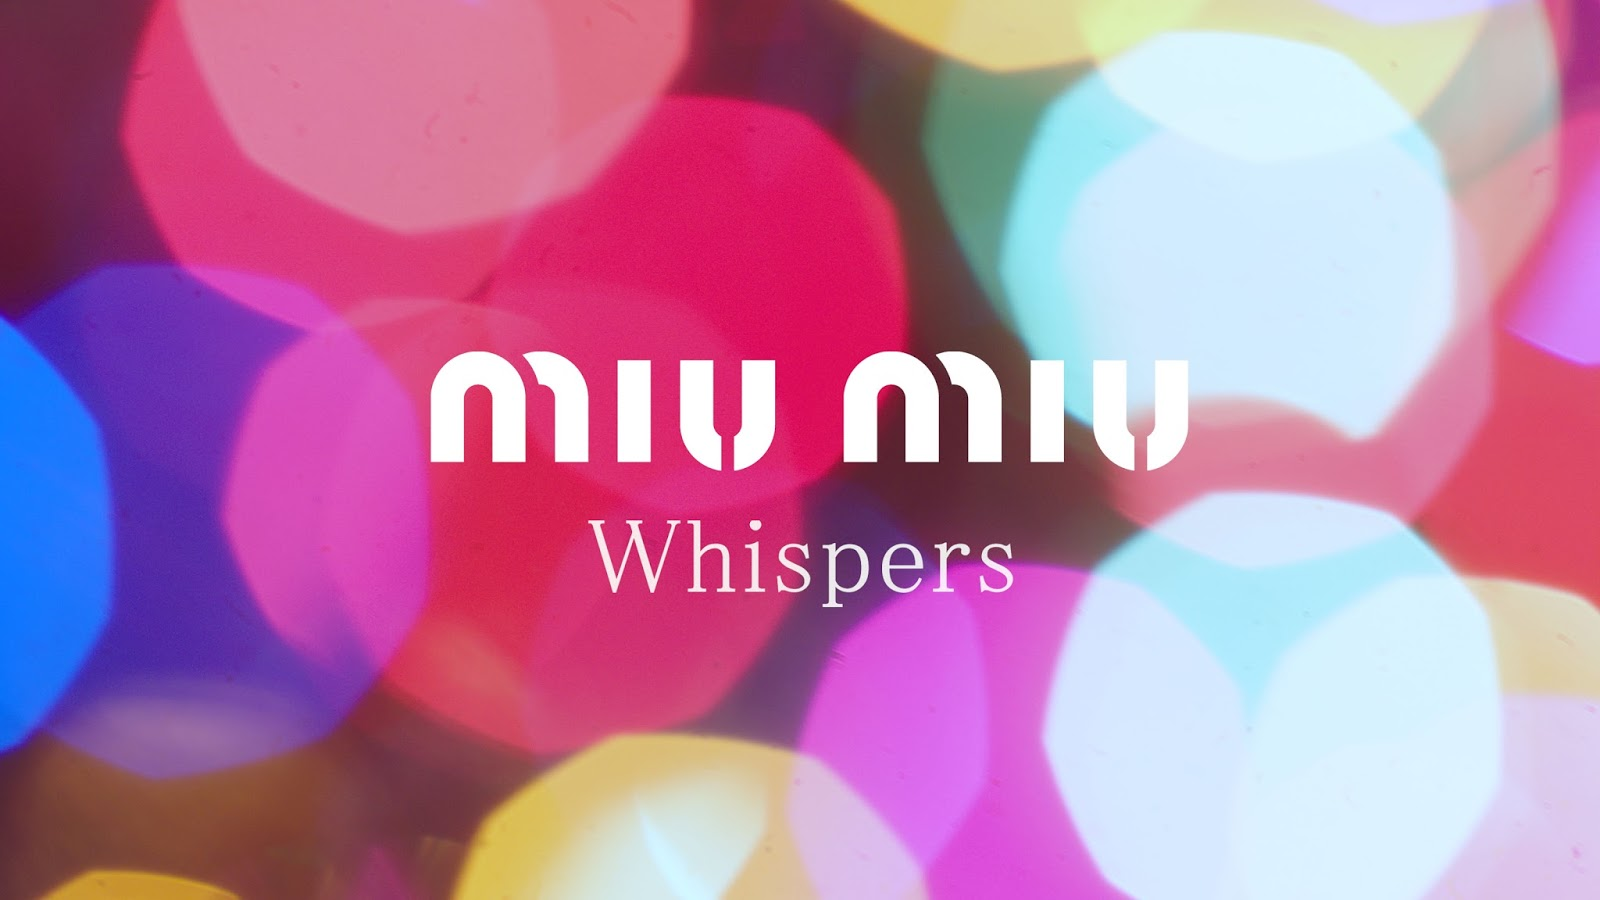 Miu Miu Whispers Holiday Campaign